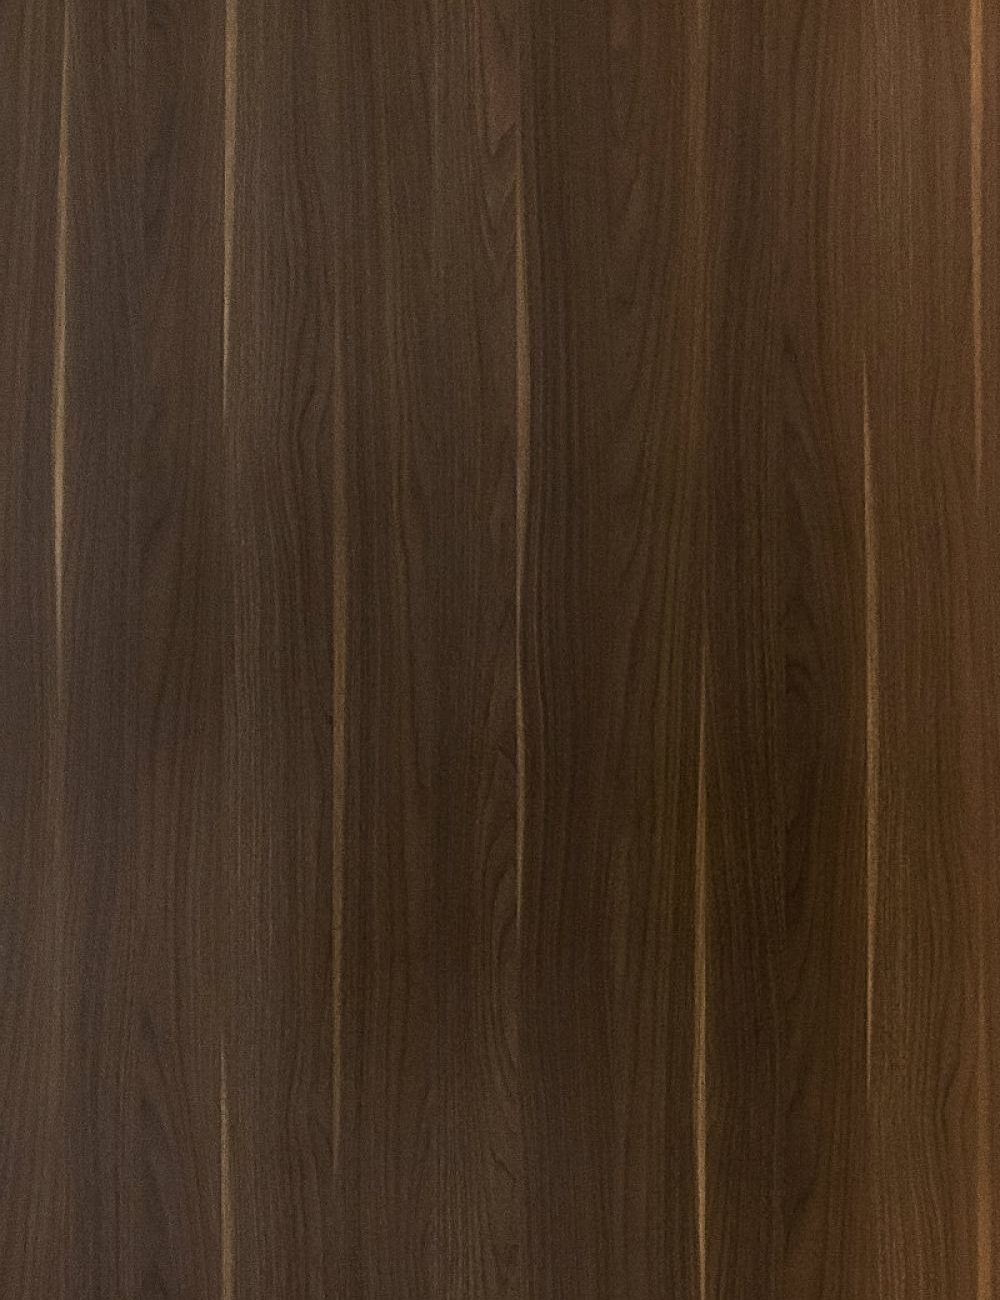 Mocca oak wood grain